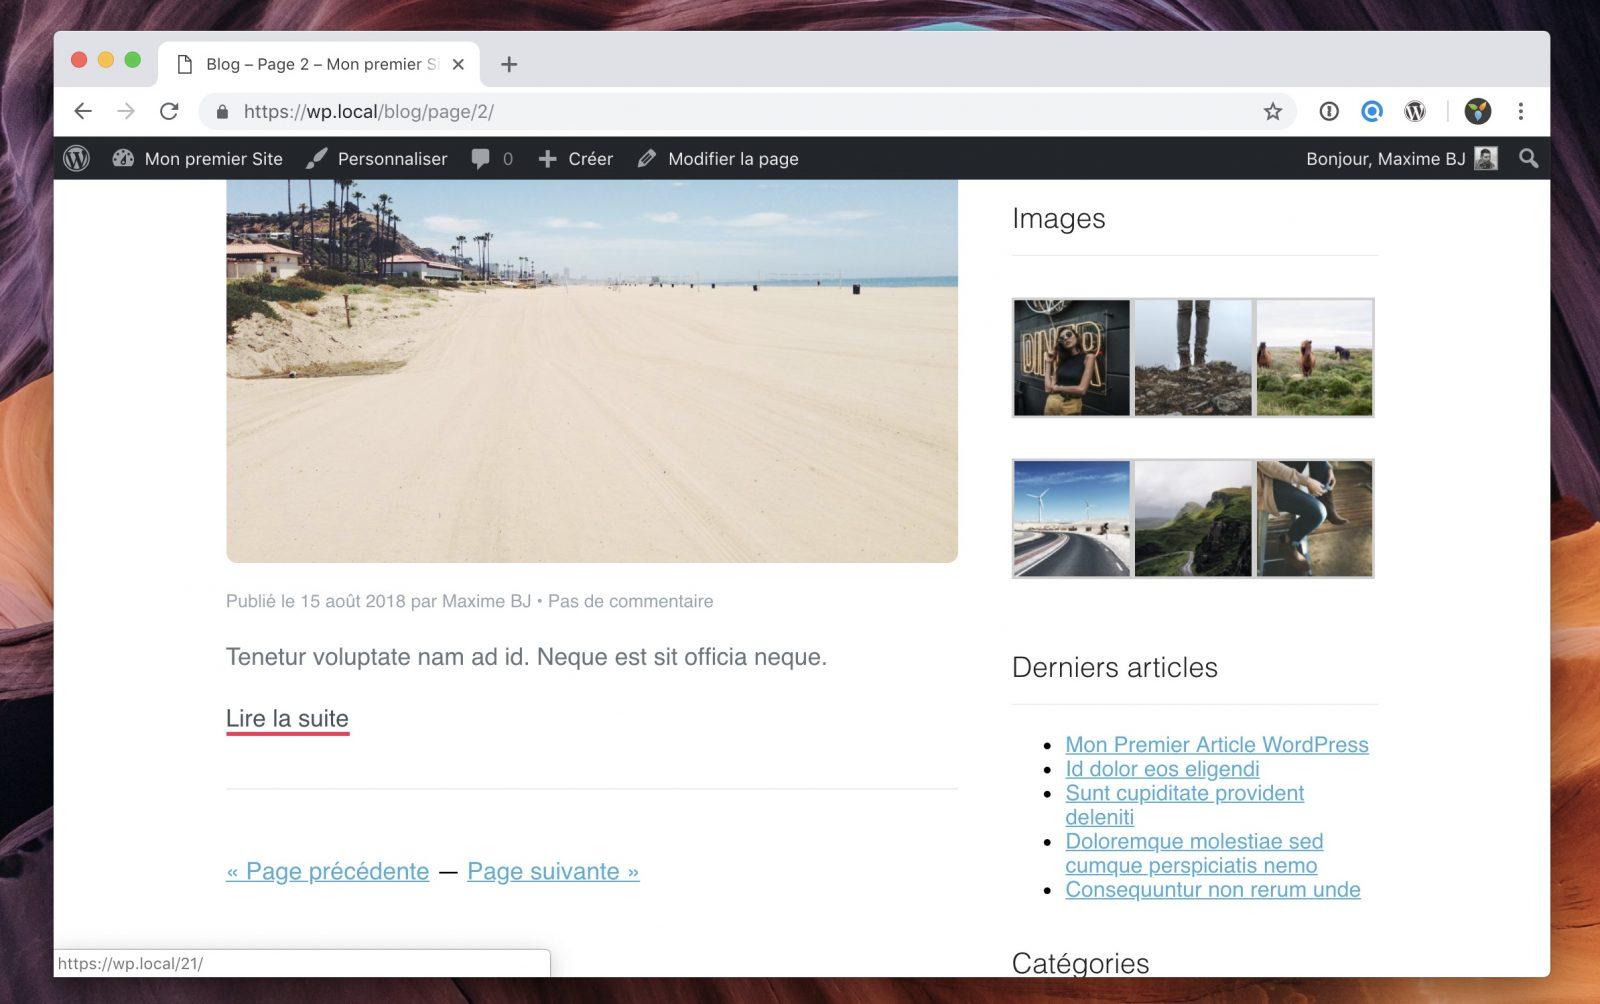 Les liens Page précédente et Page suivante générés automatiquement par WordPress